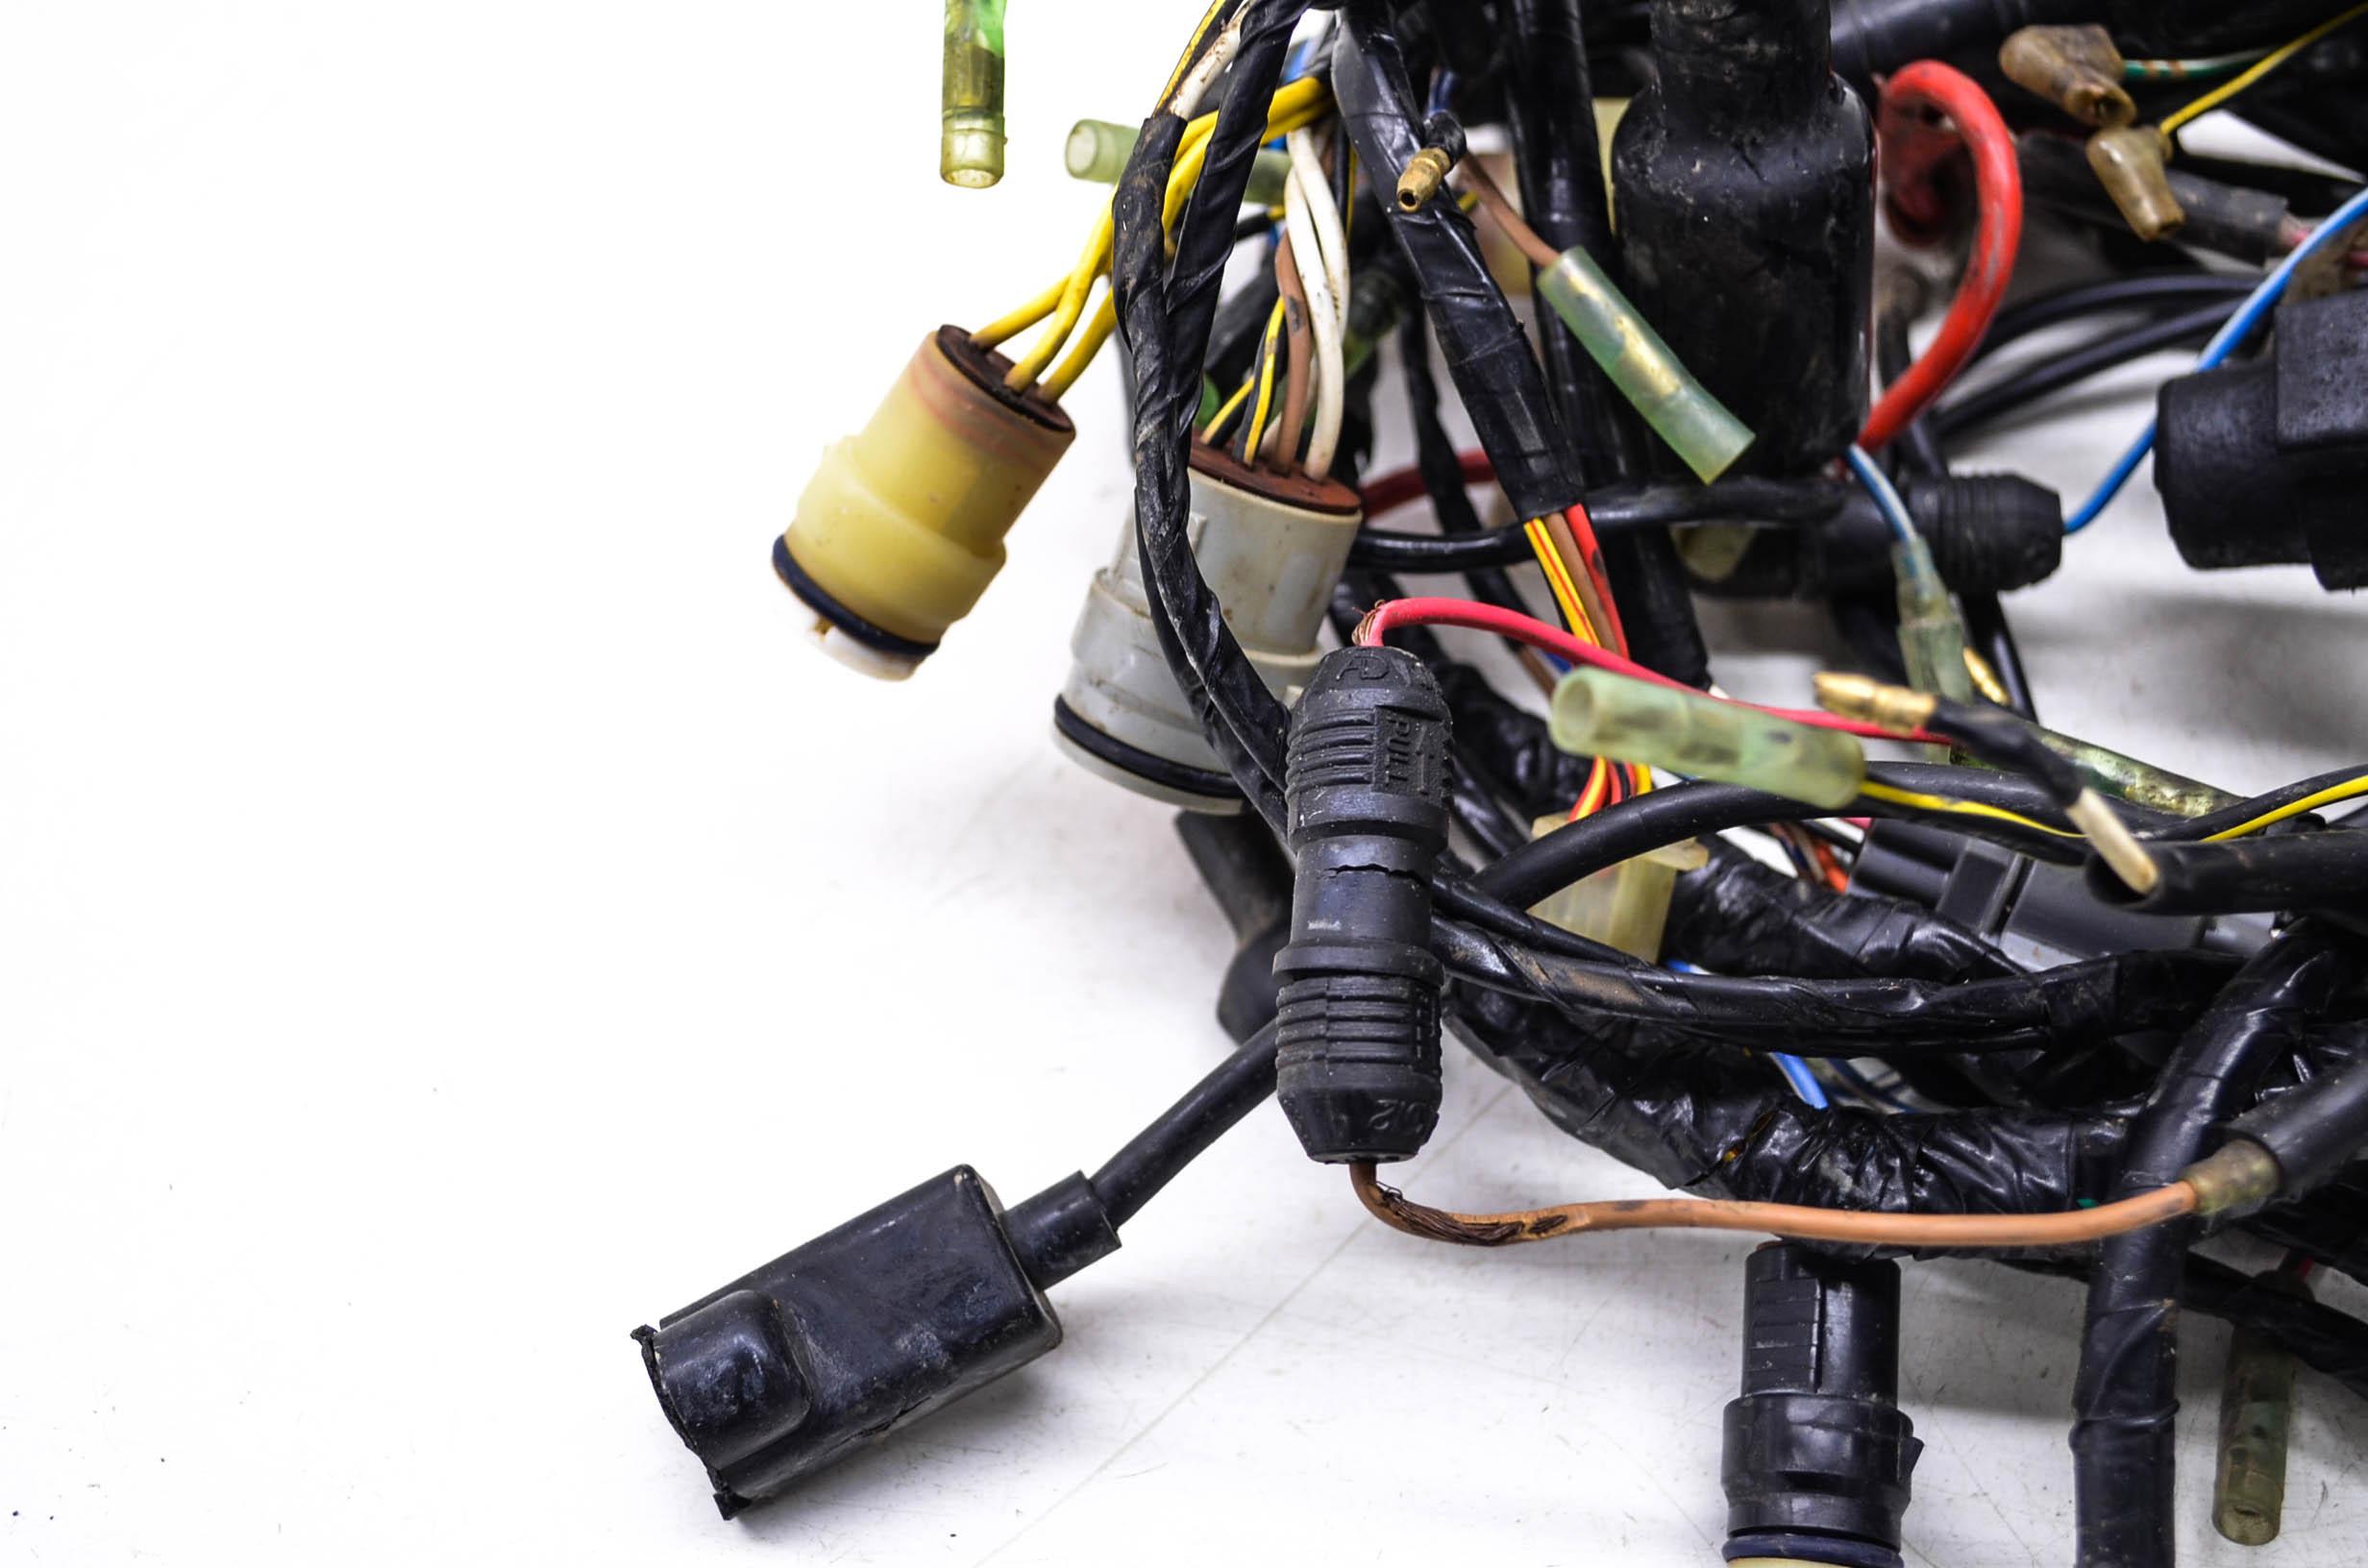 97 Kawasaki Prairie 400 Wiring Diagram - Wiring Diagram ...